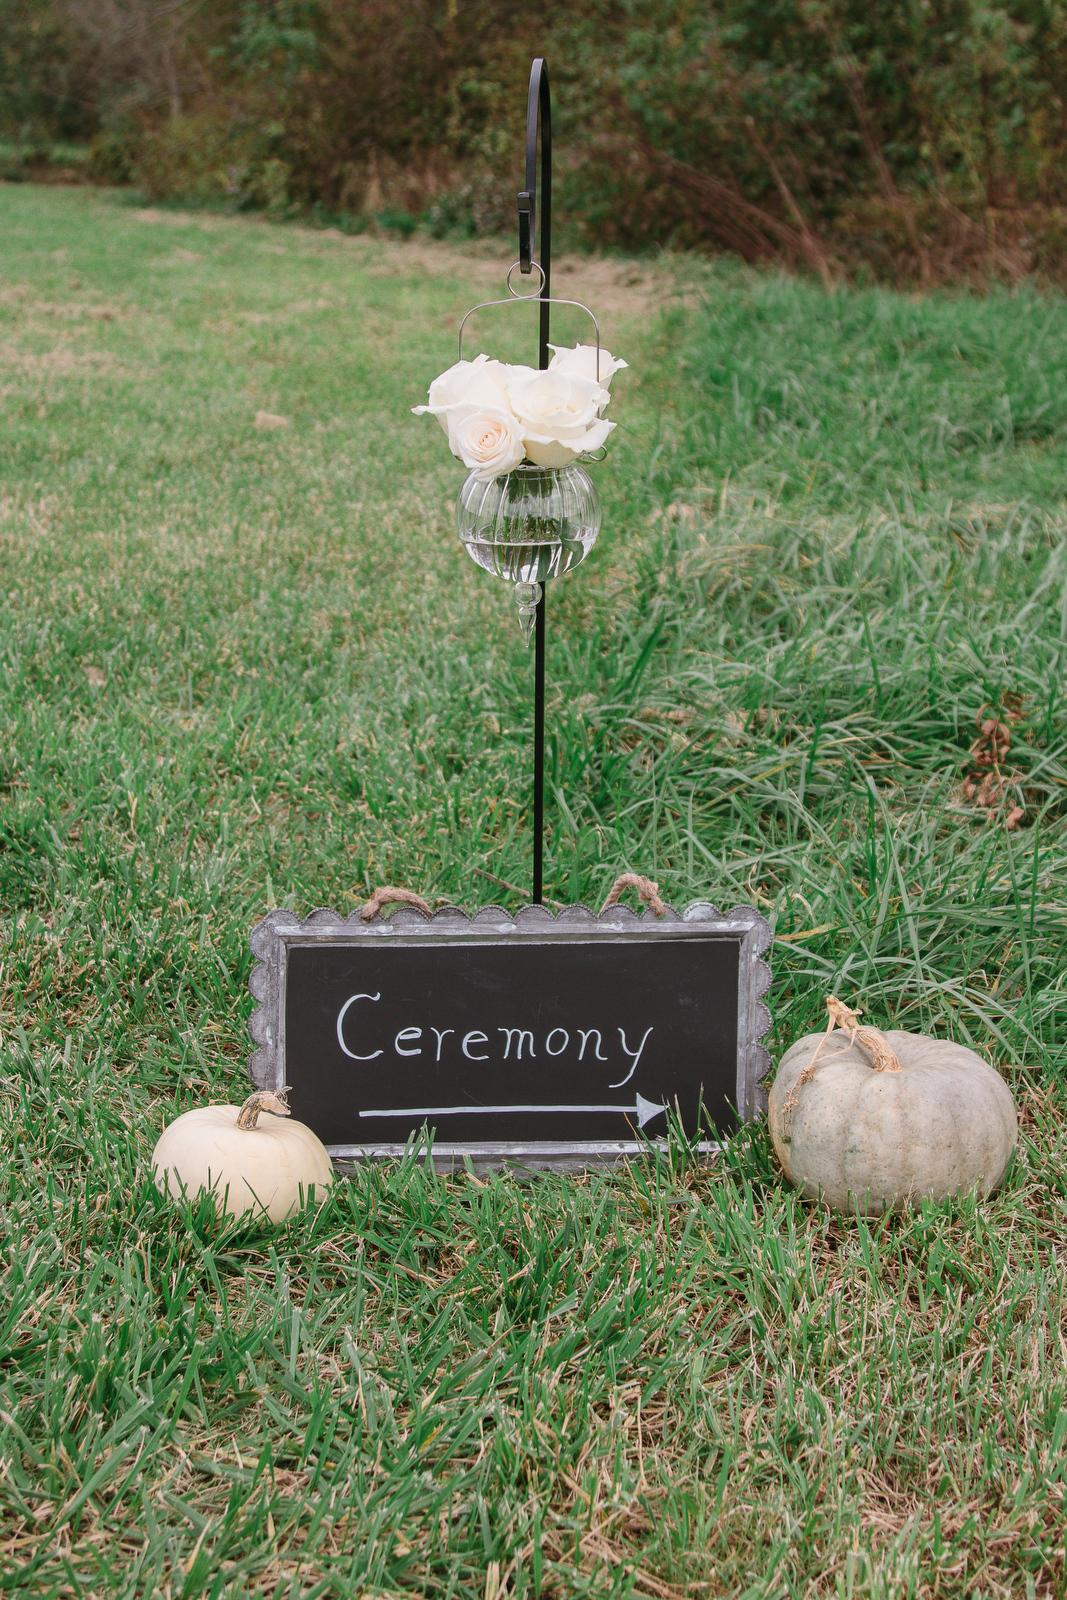 01_Pre-Ceremony_025.JPG